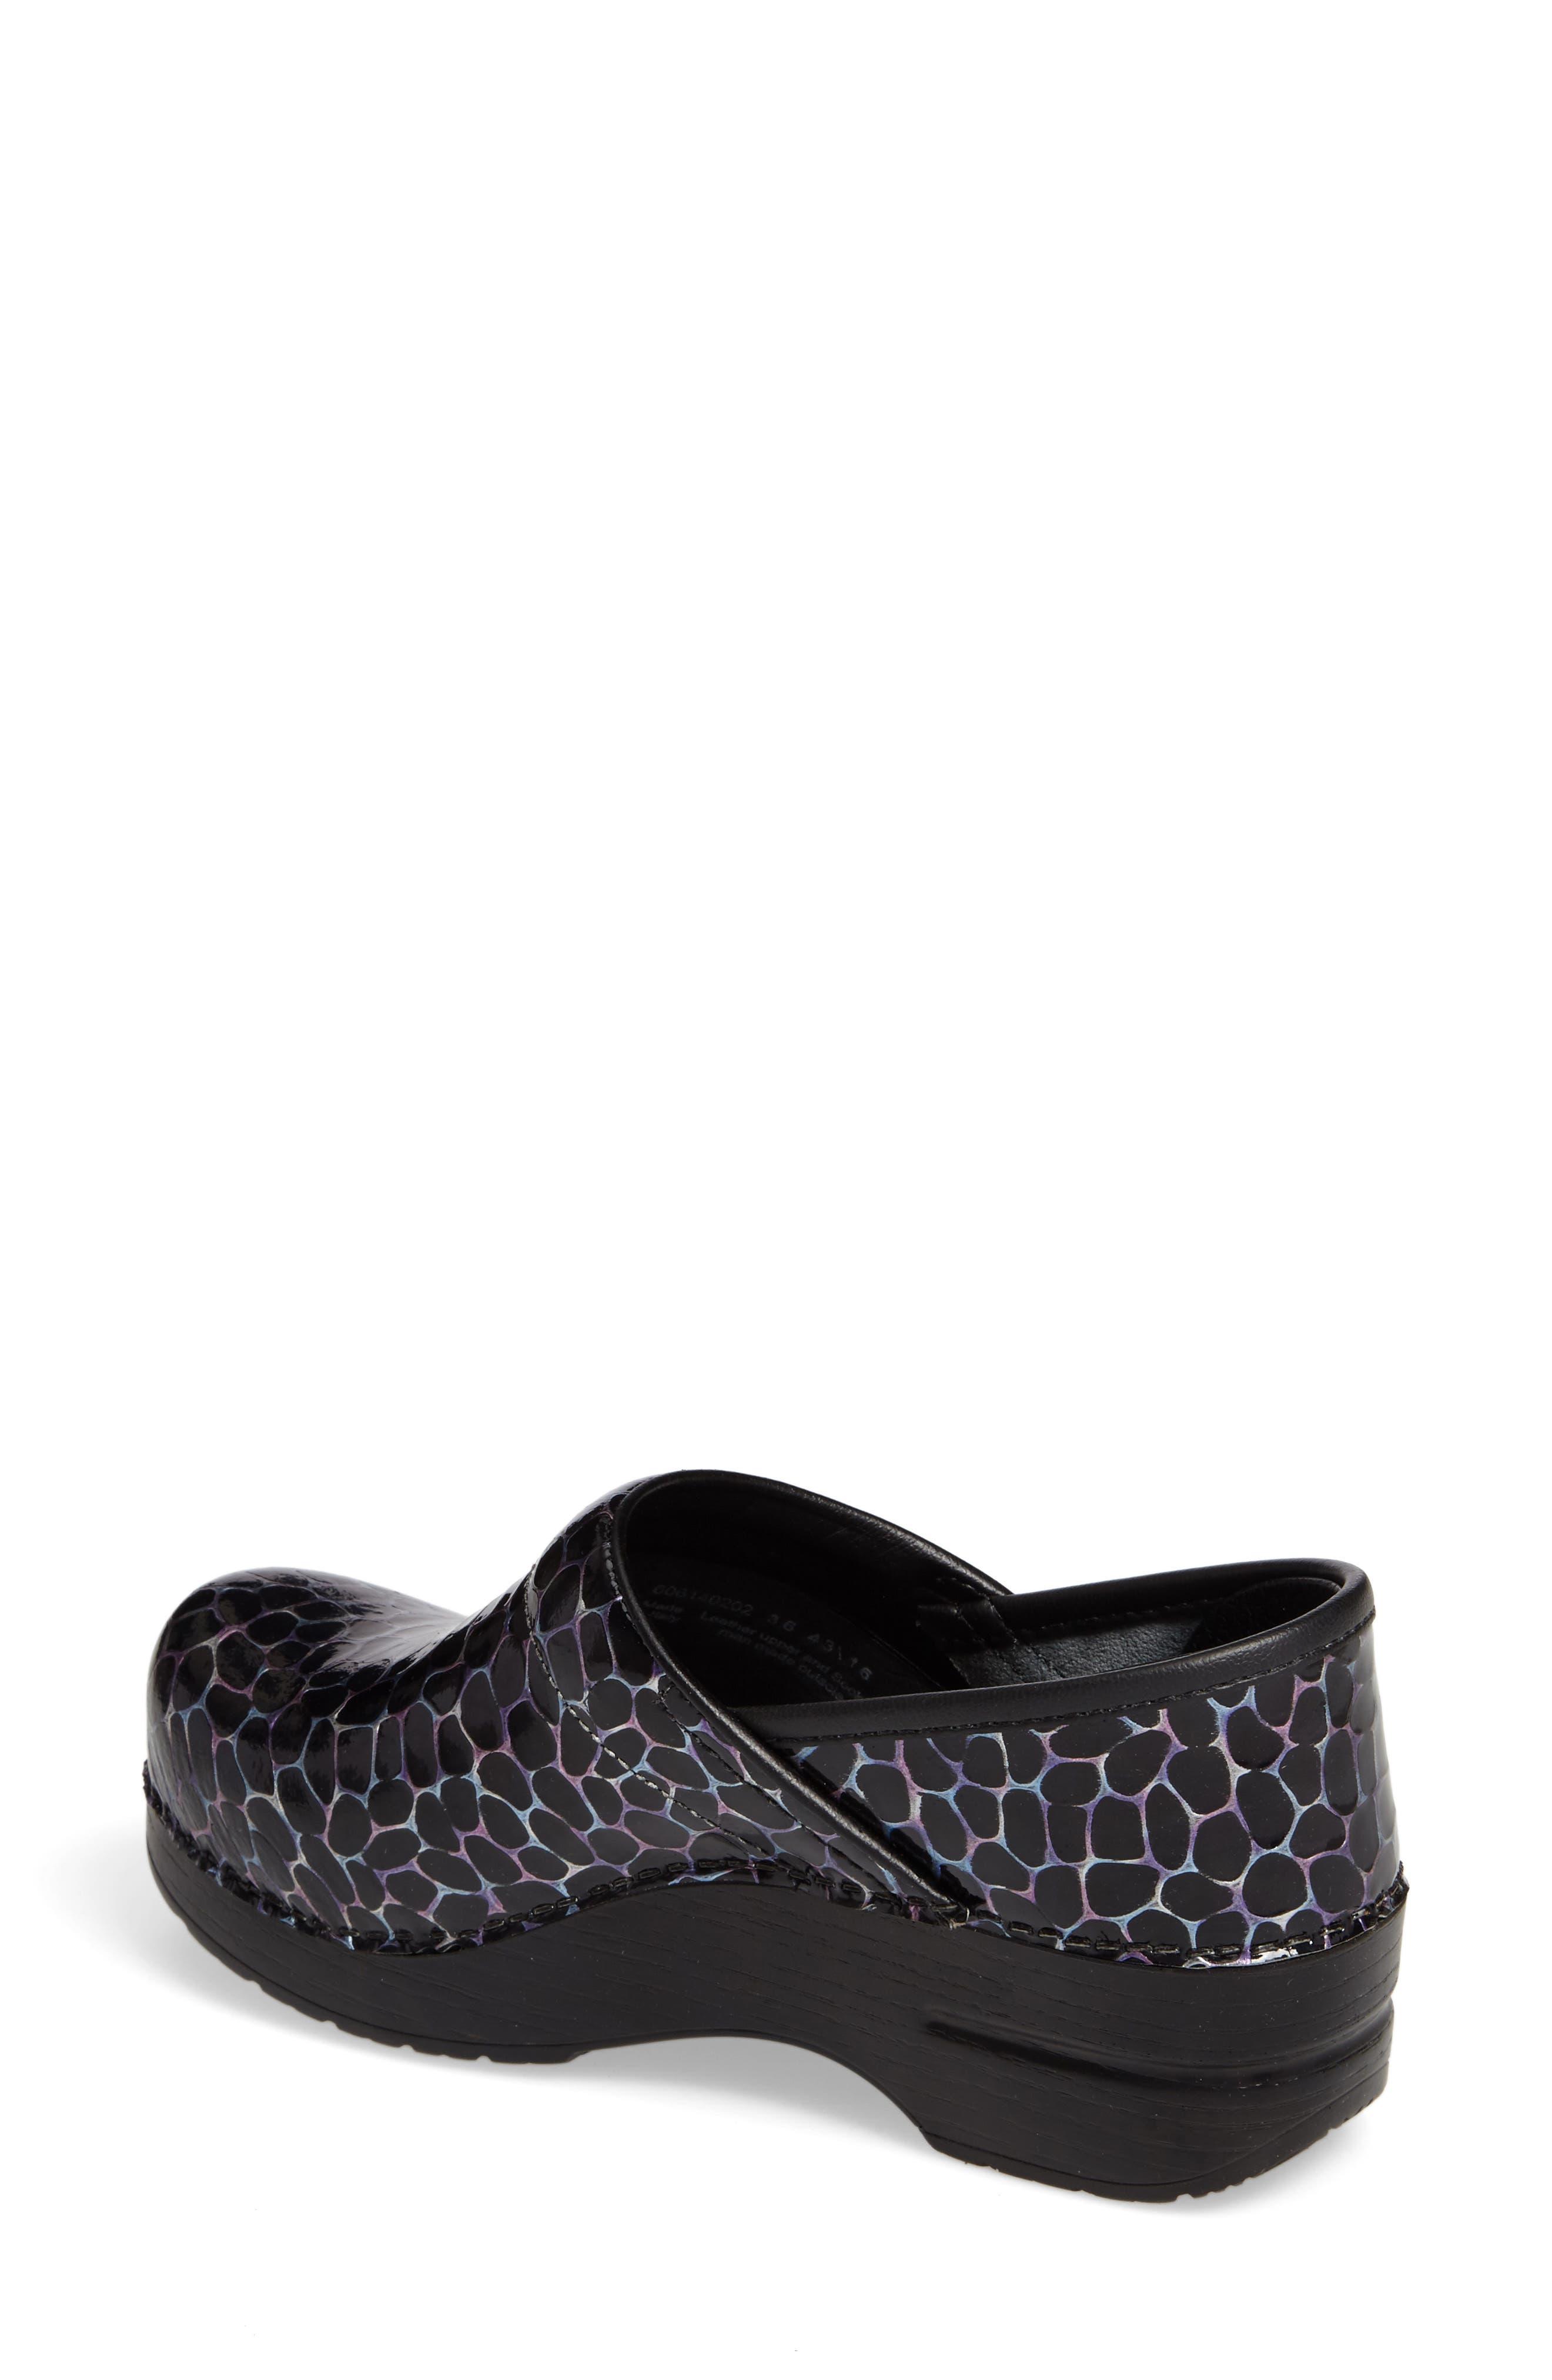 7412ca899a3 Women s Dansko Wide Shoes